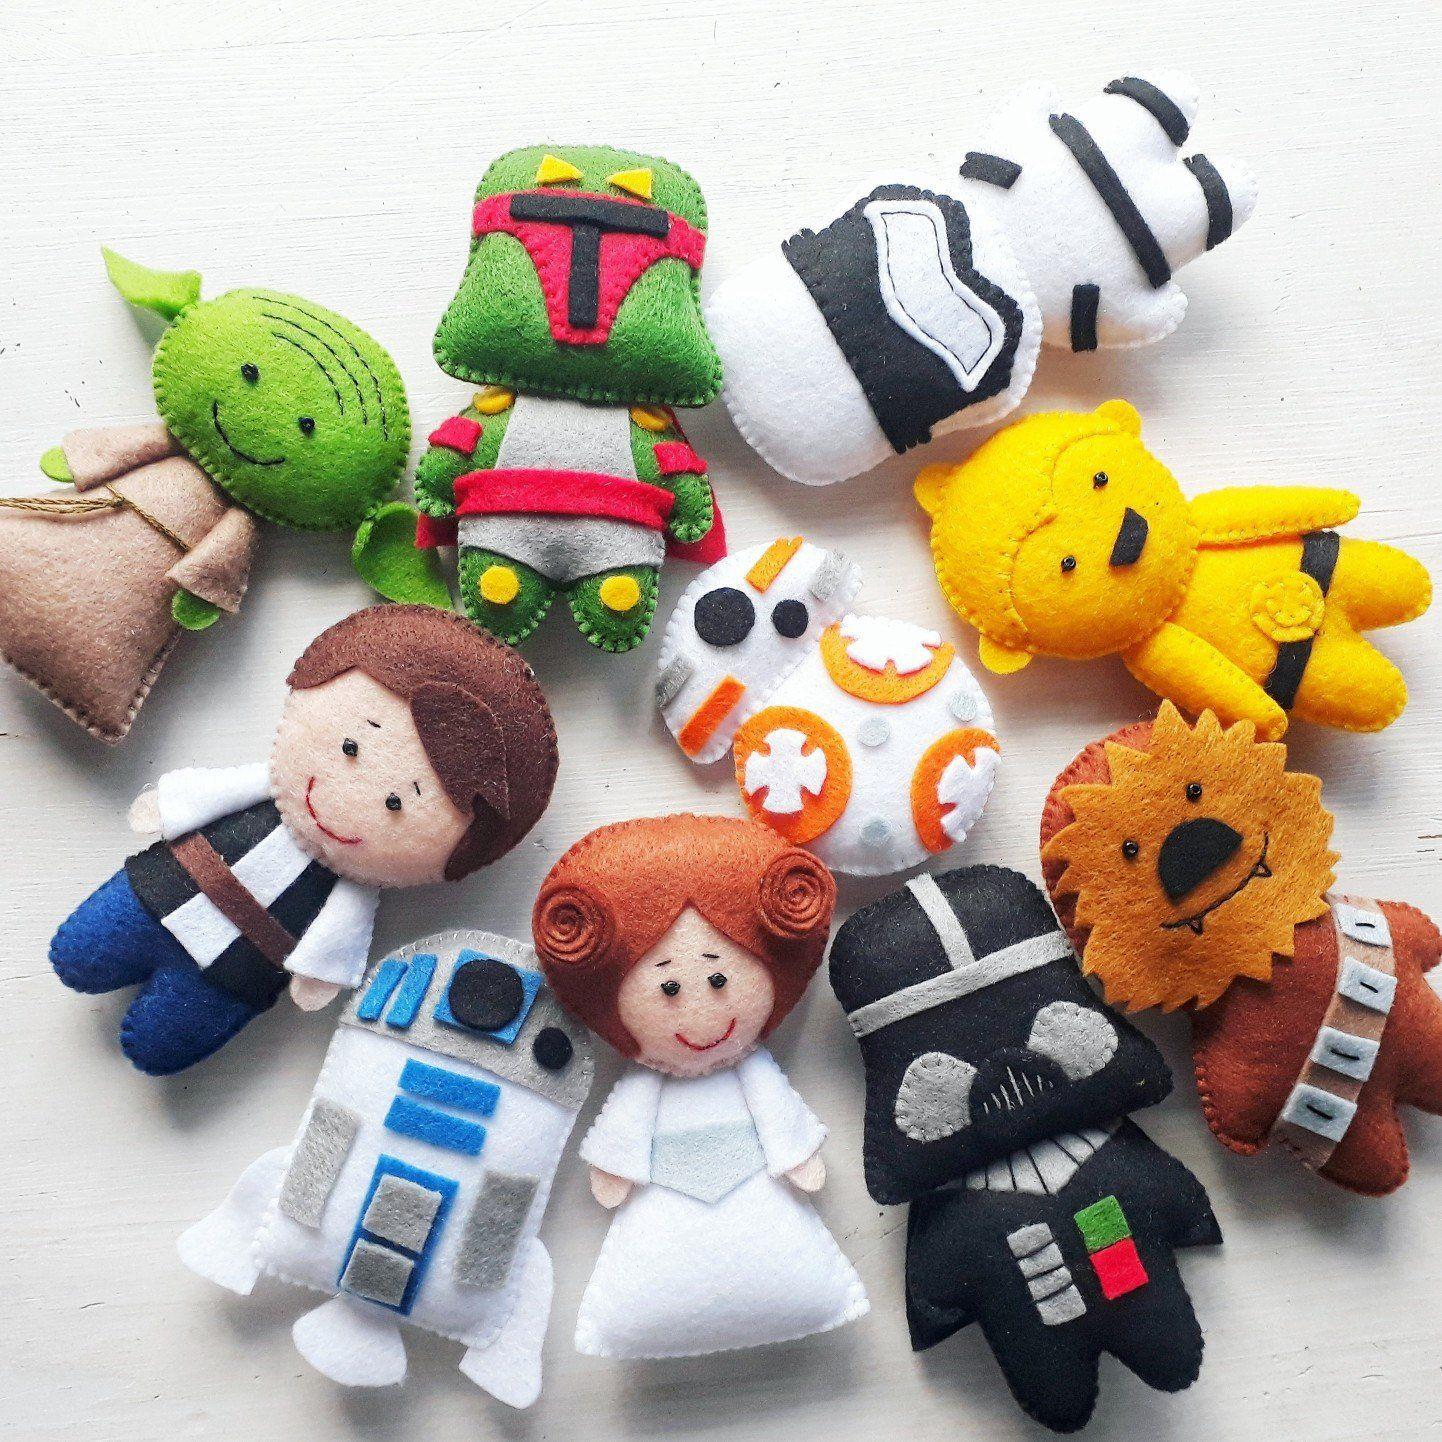 Star Wars Ornament Jedi Plush Princess Felt Doll Star Wars Etsy Star Wars Nursery Star Wars Christmas Ornaments Felt Dolls